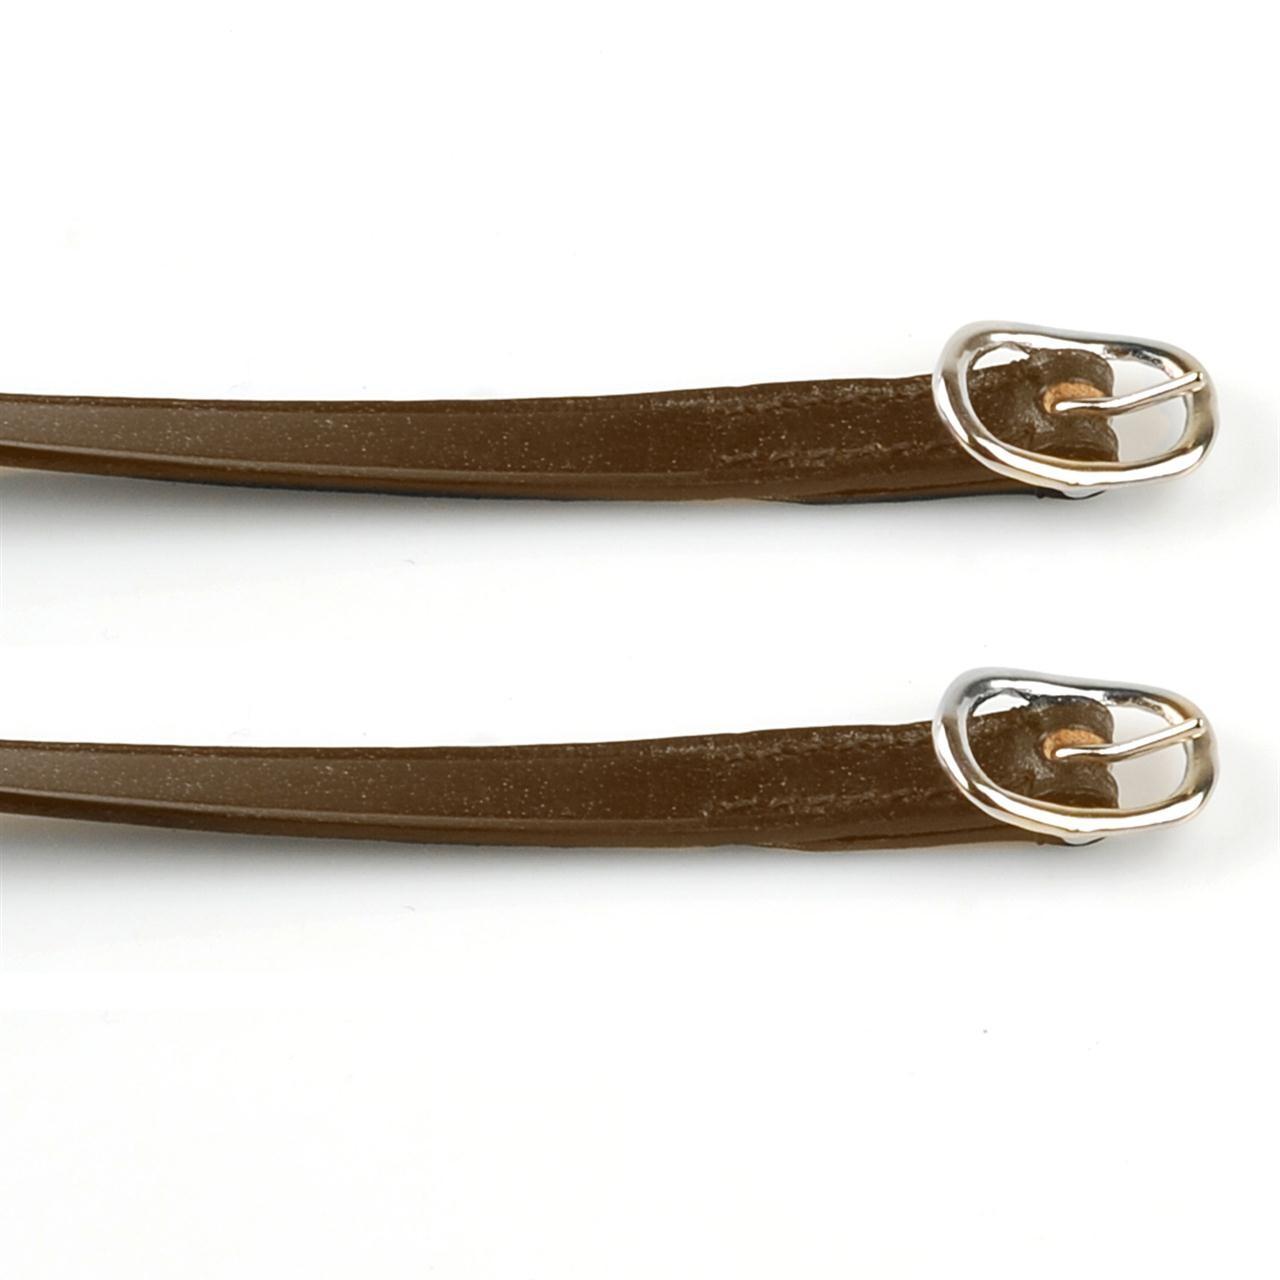 Pagony basic leder sporenriemen bruin